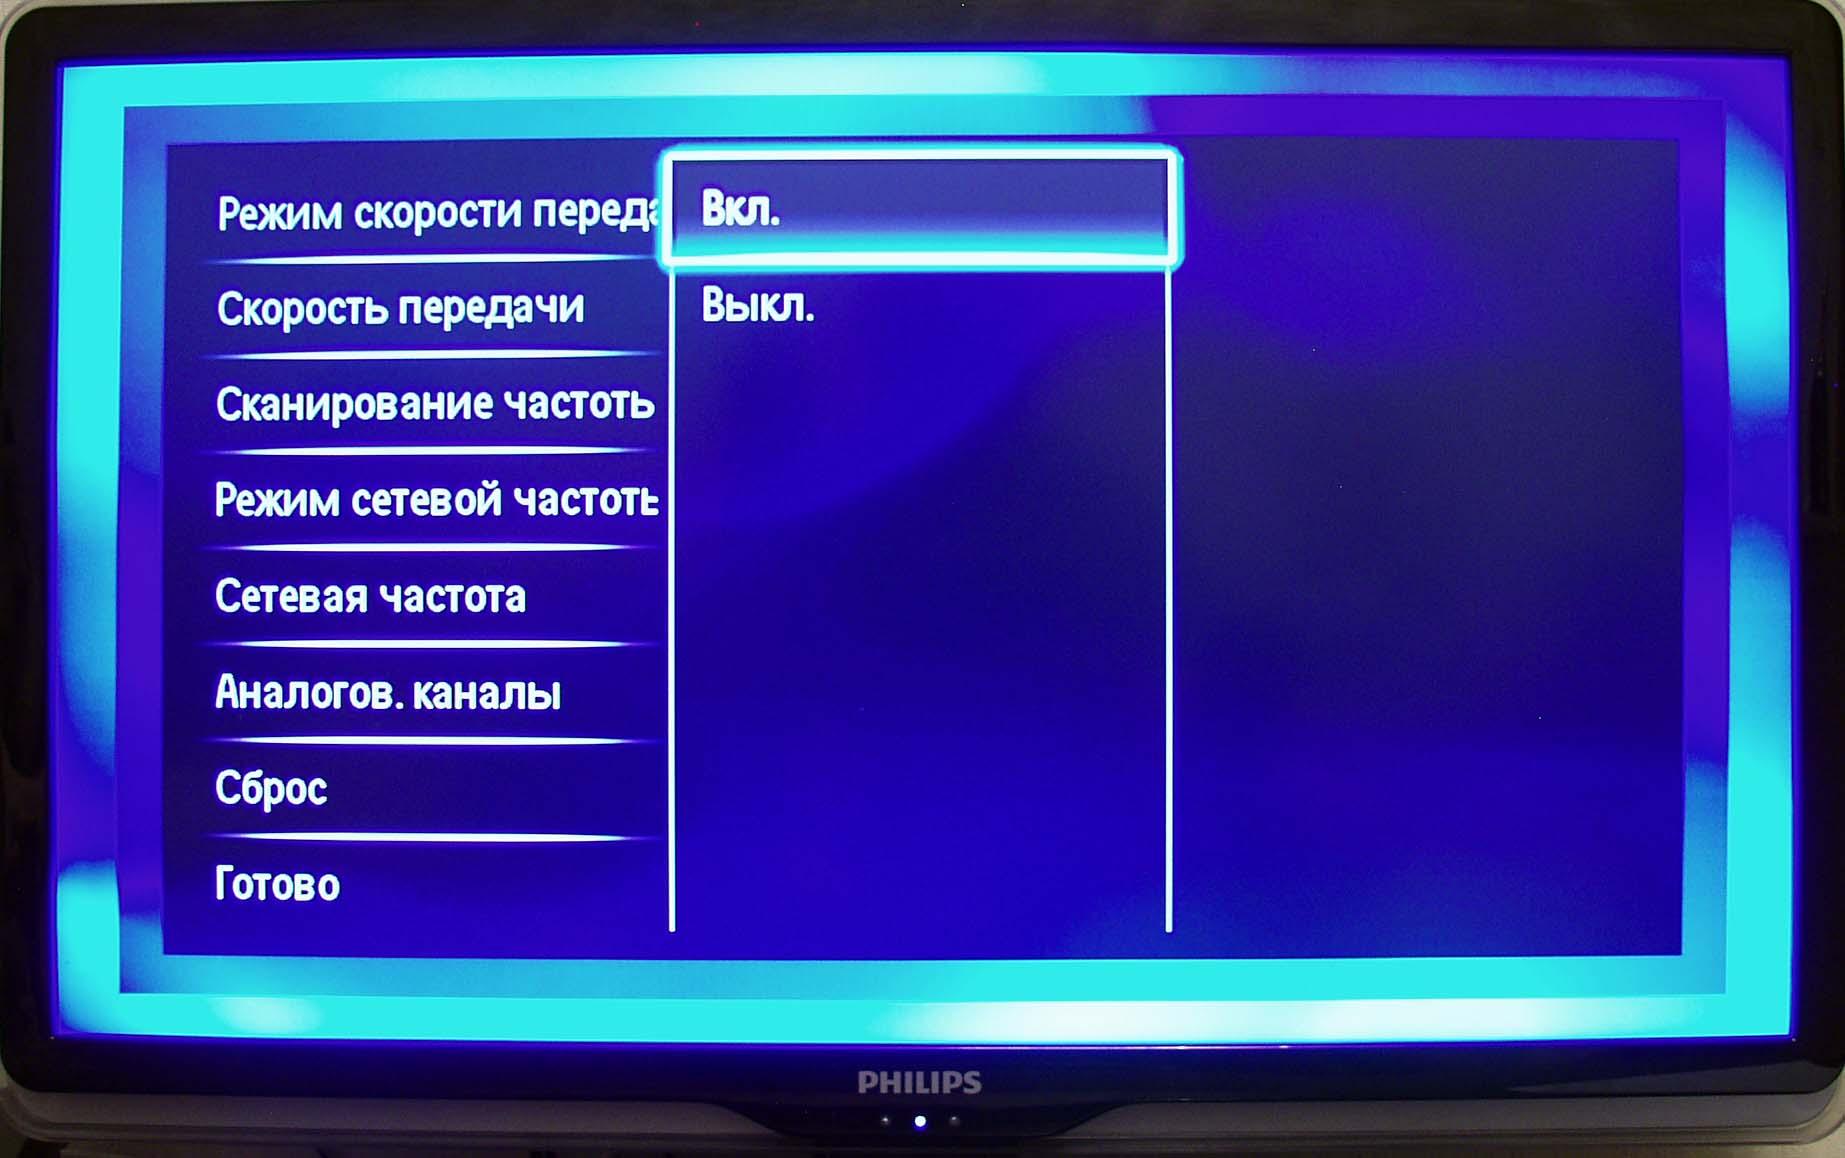 не показывает картинка на телевизоре филипс занятий музыкой